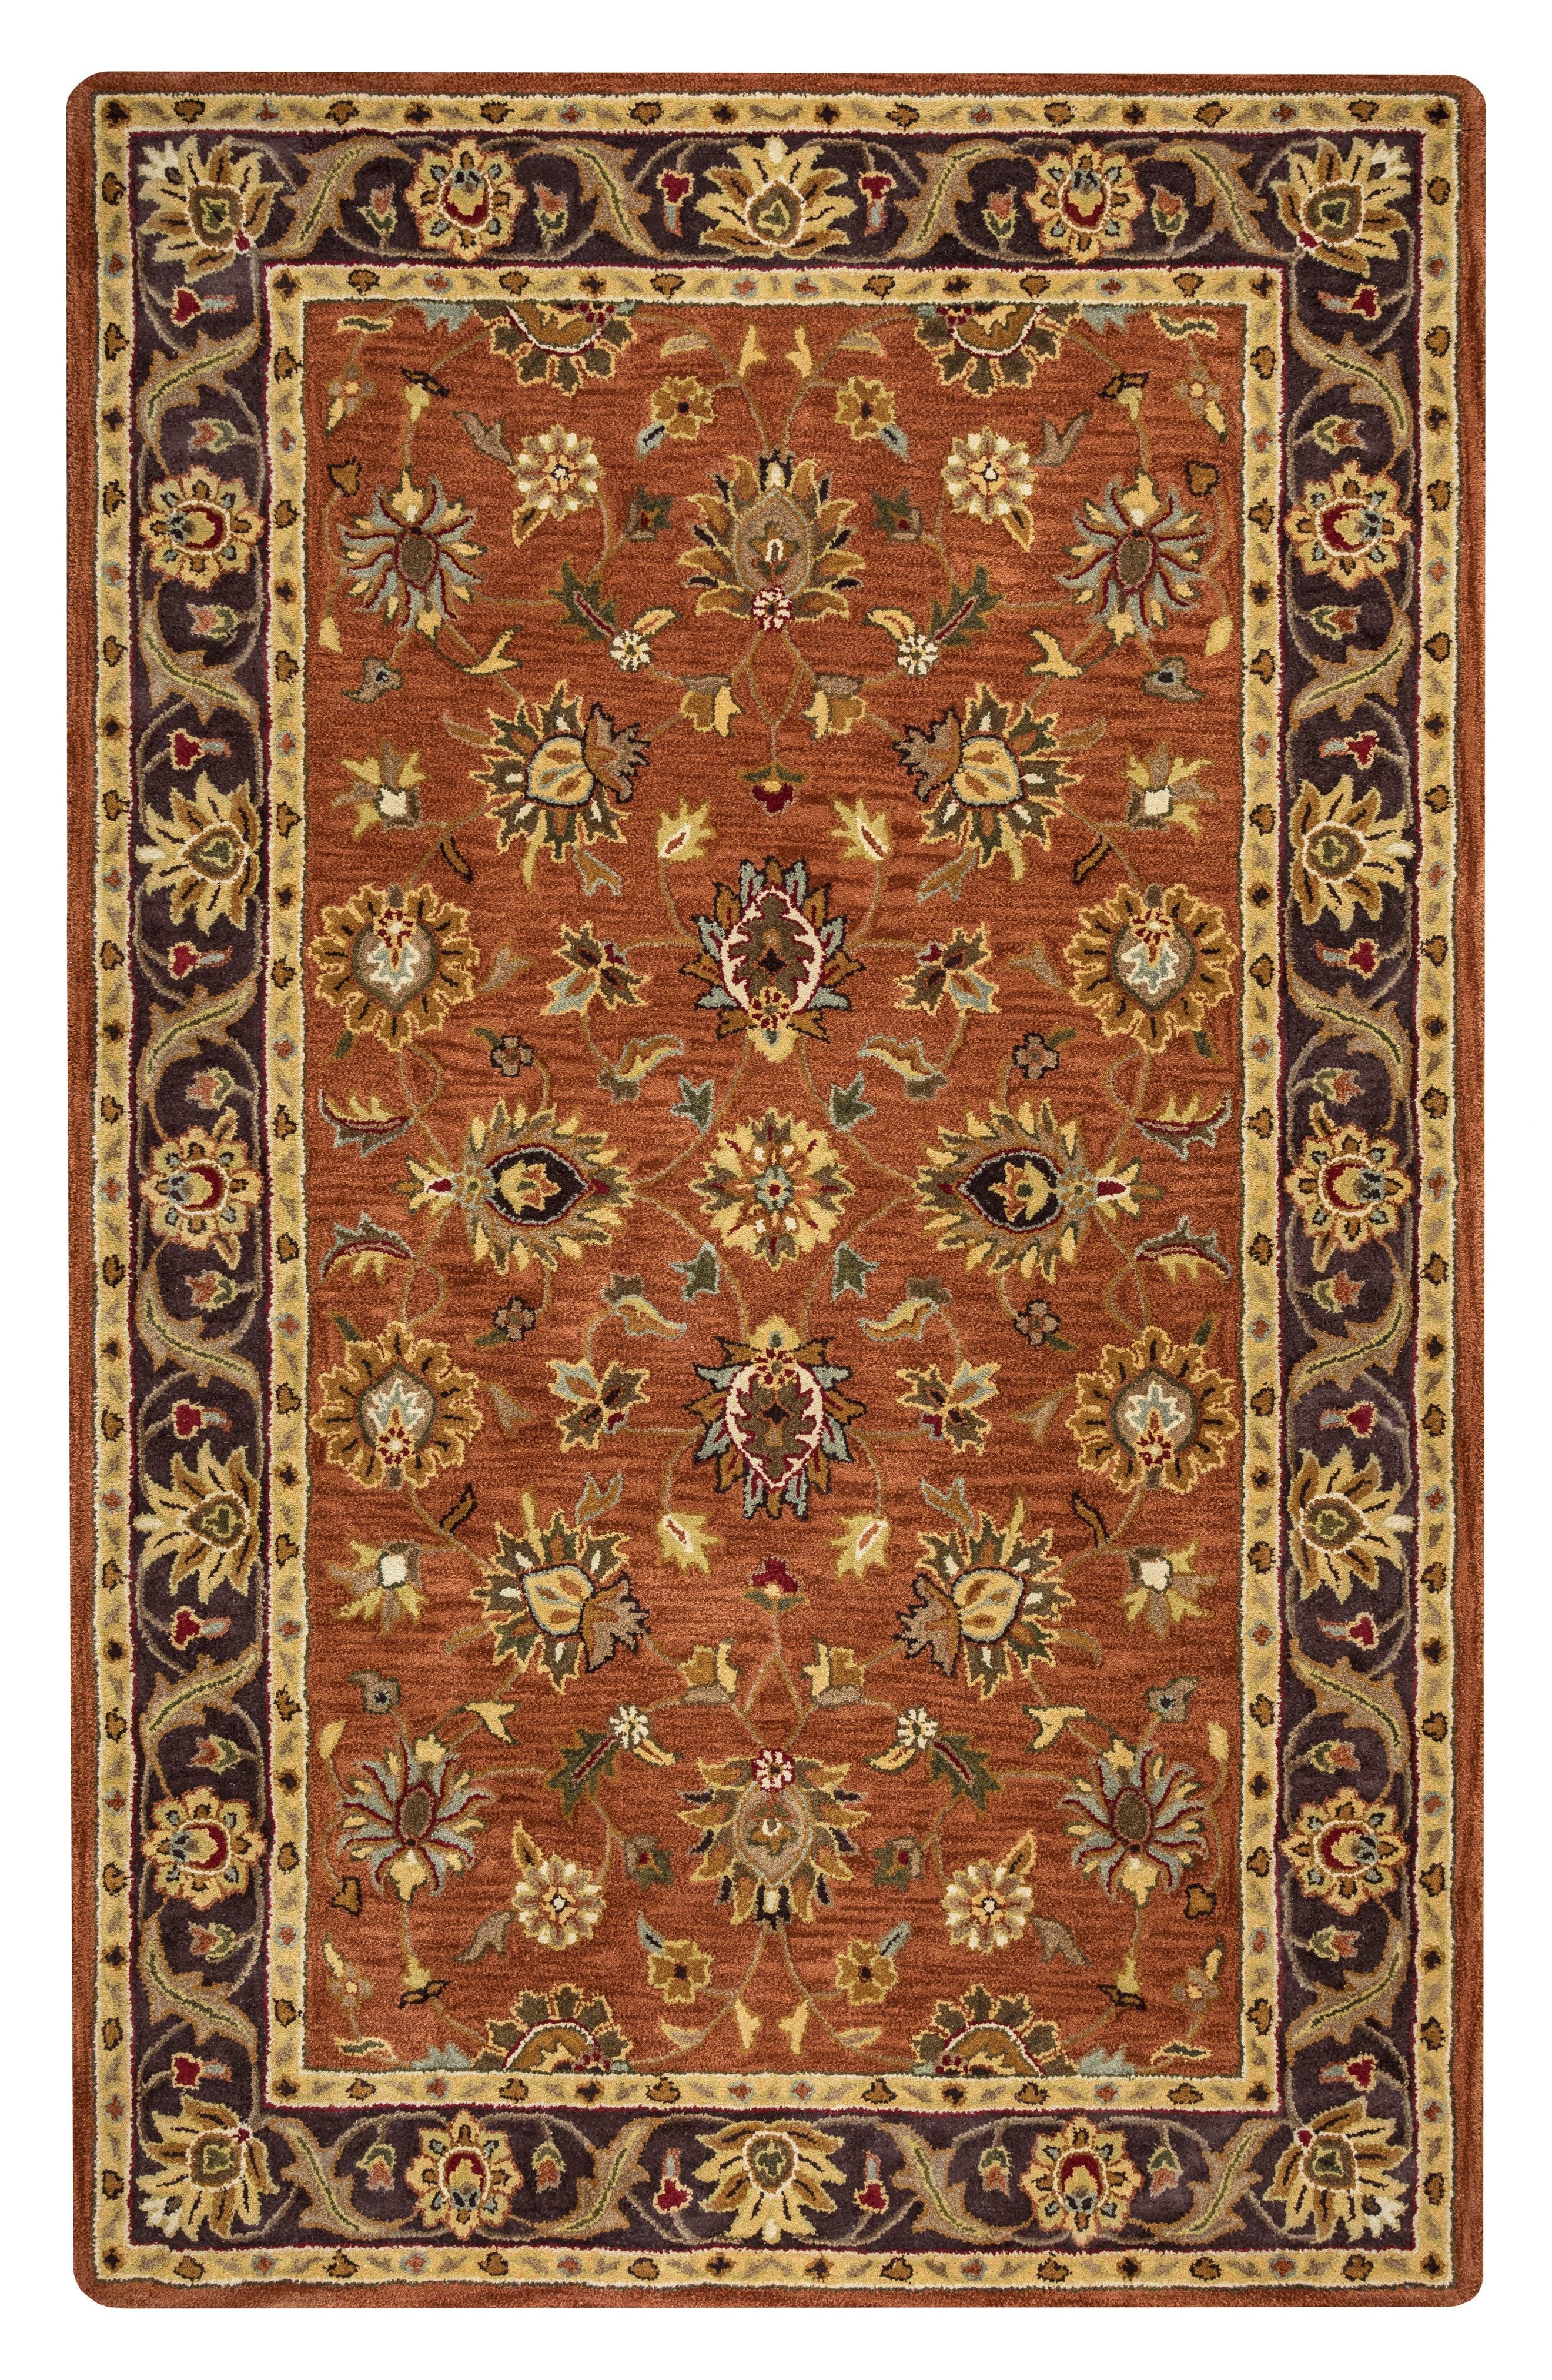 Amalia Hand Tufted Wool Area Rug,                         Main,                         color, Rust/ Multi